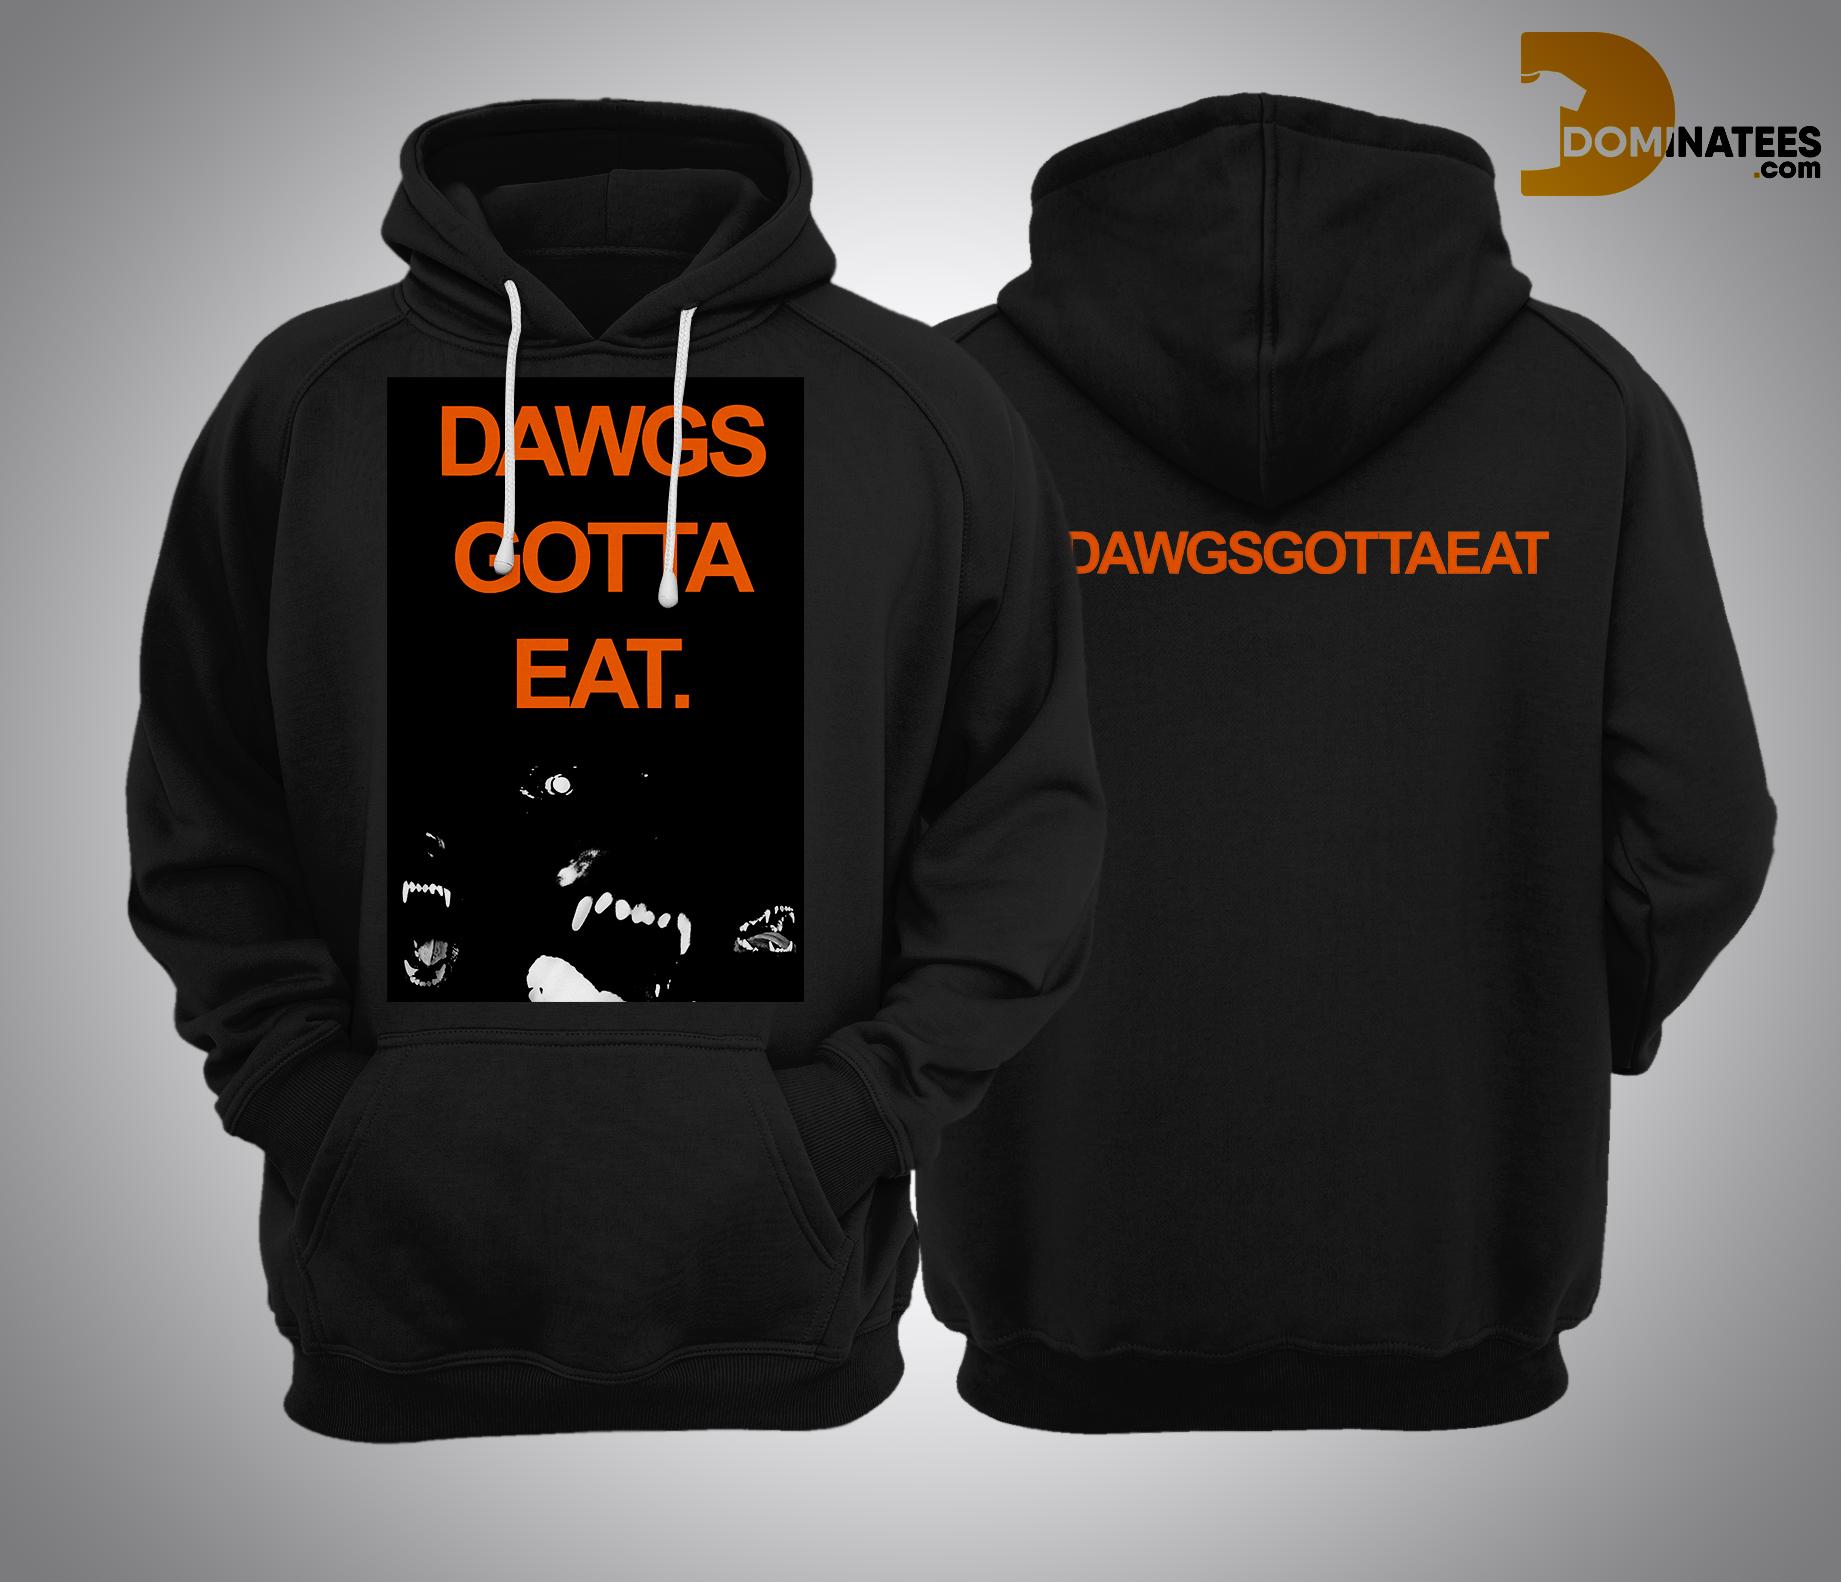 dawgs gotta eat hoodie